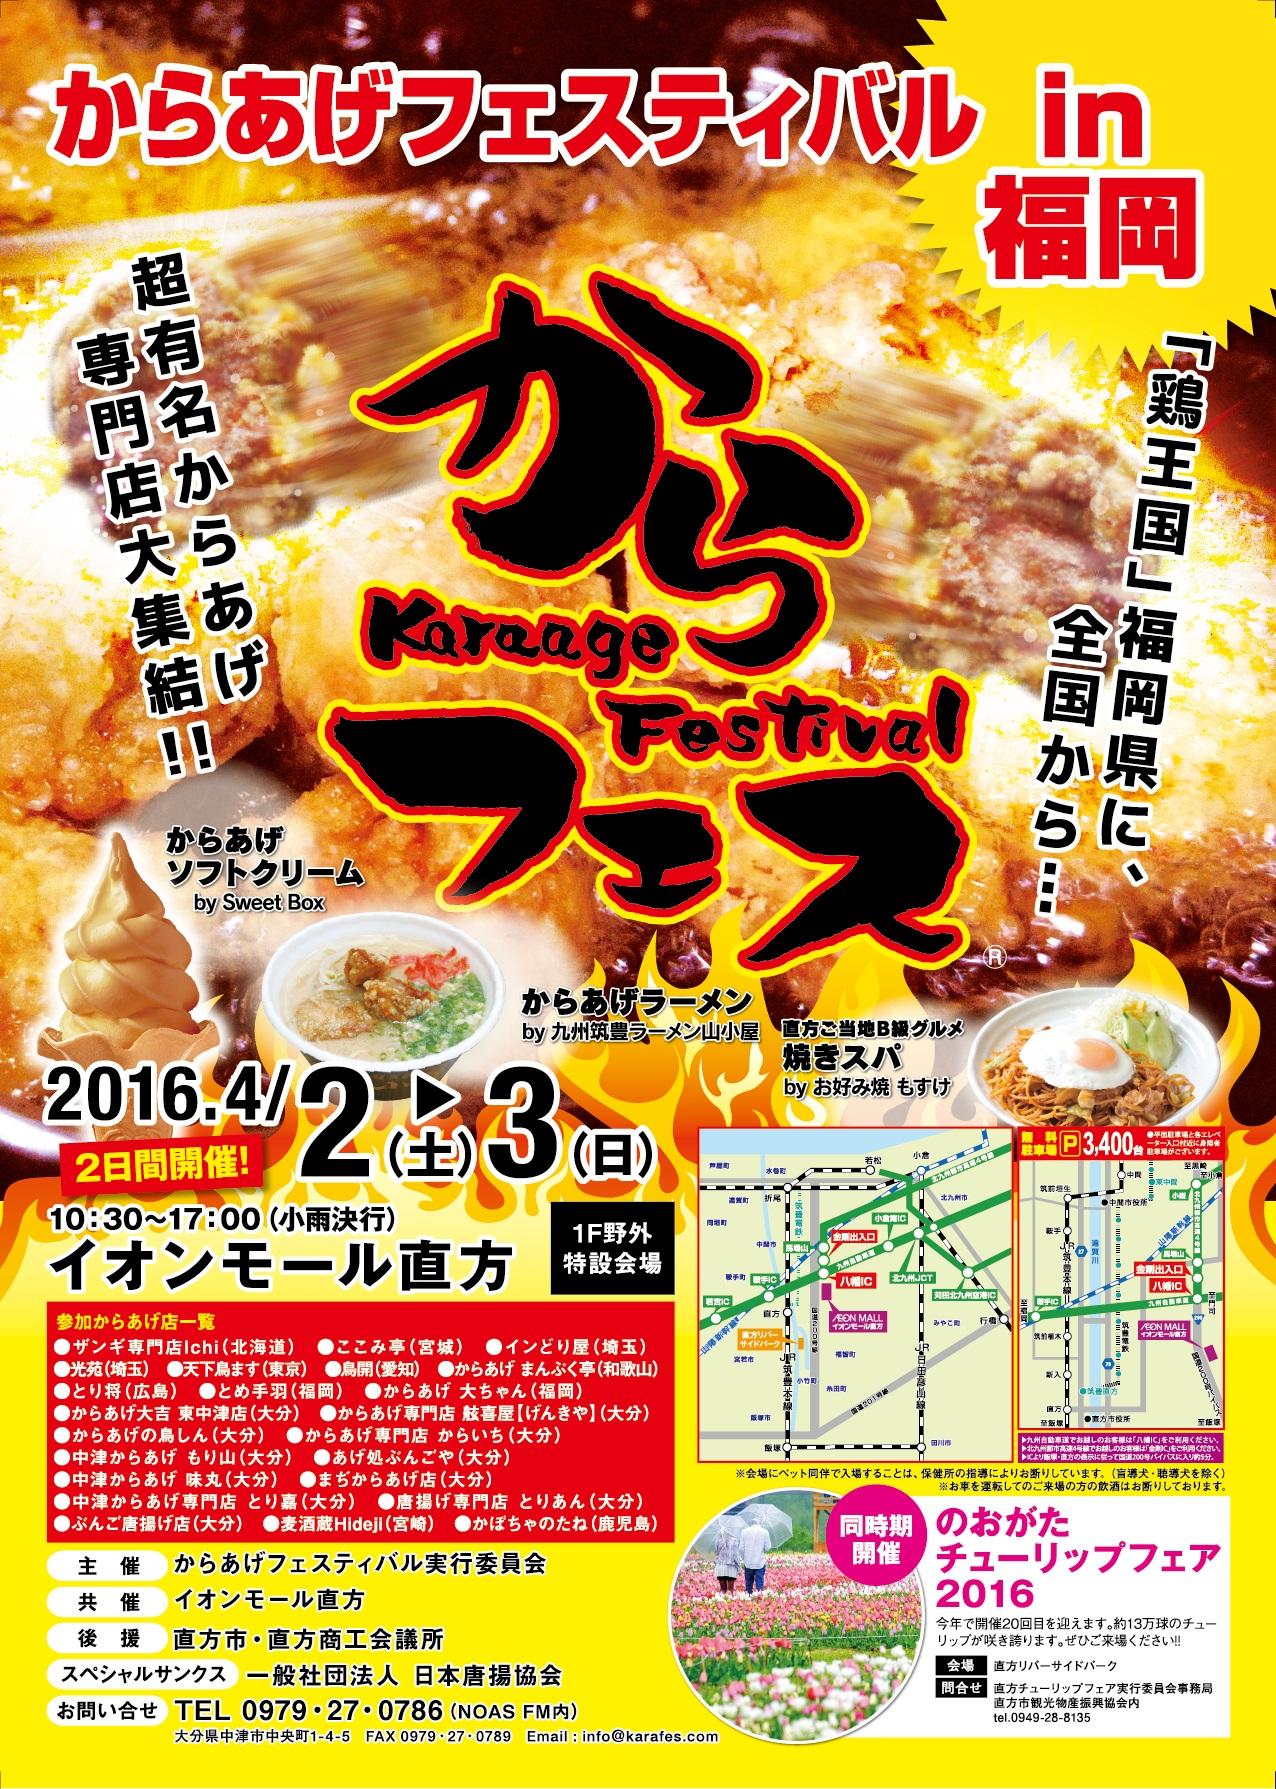 からあげフェスティバル in 福岡